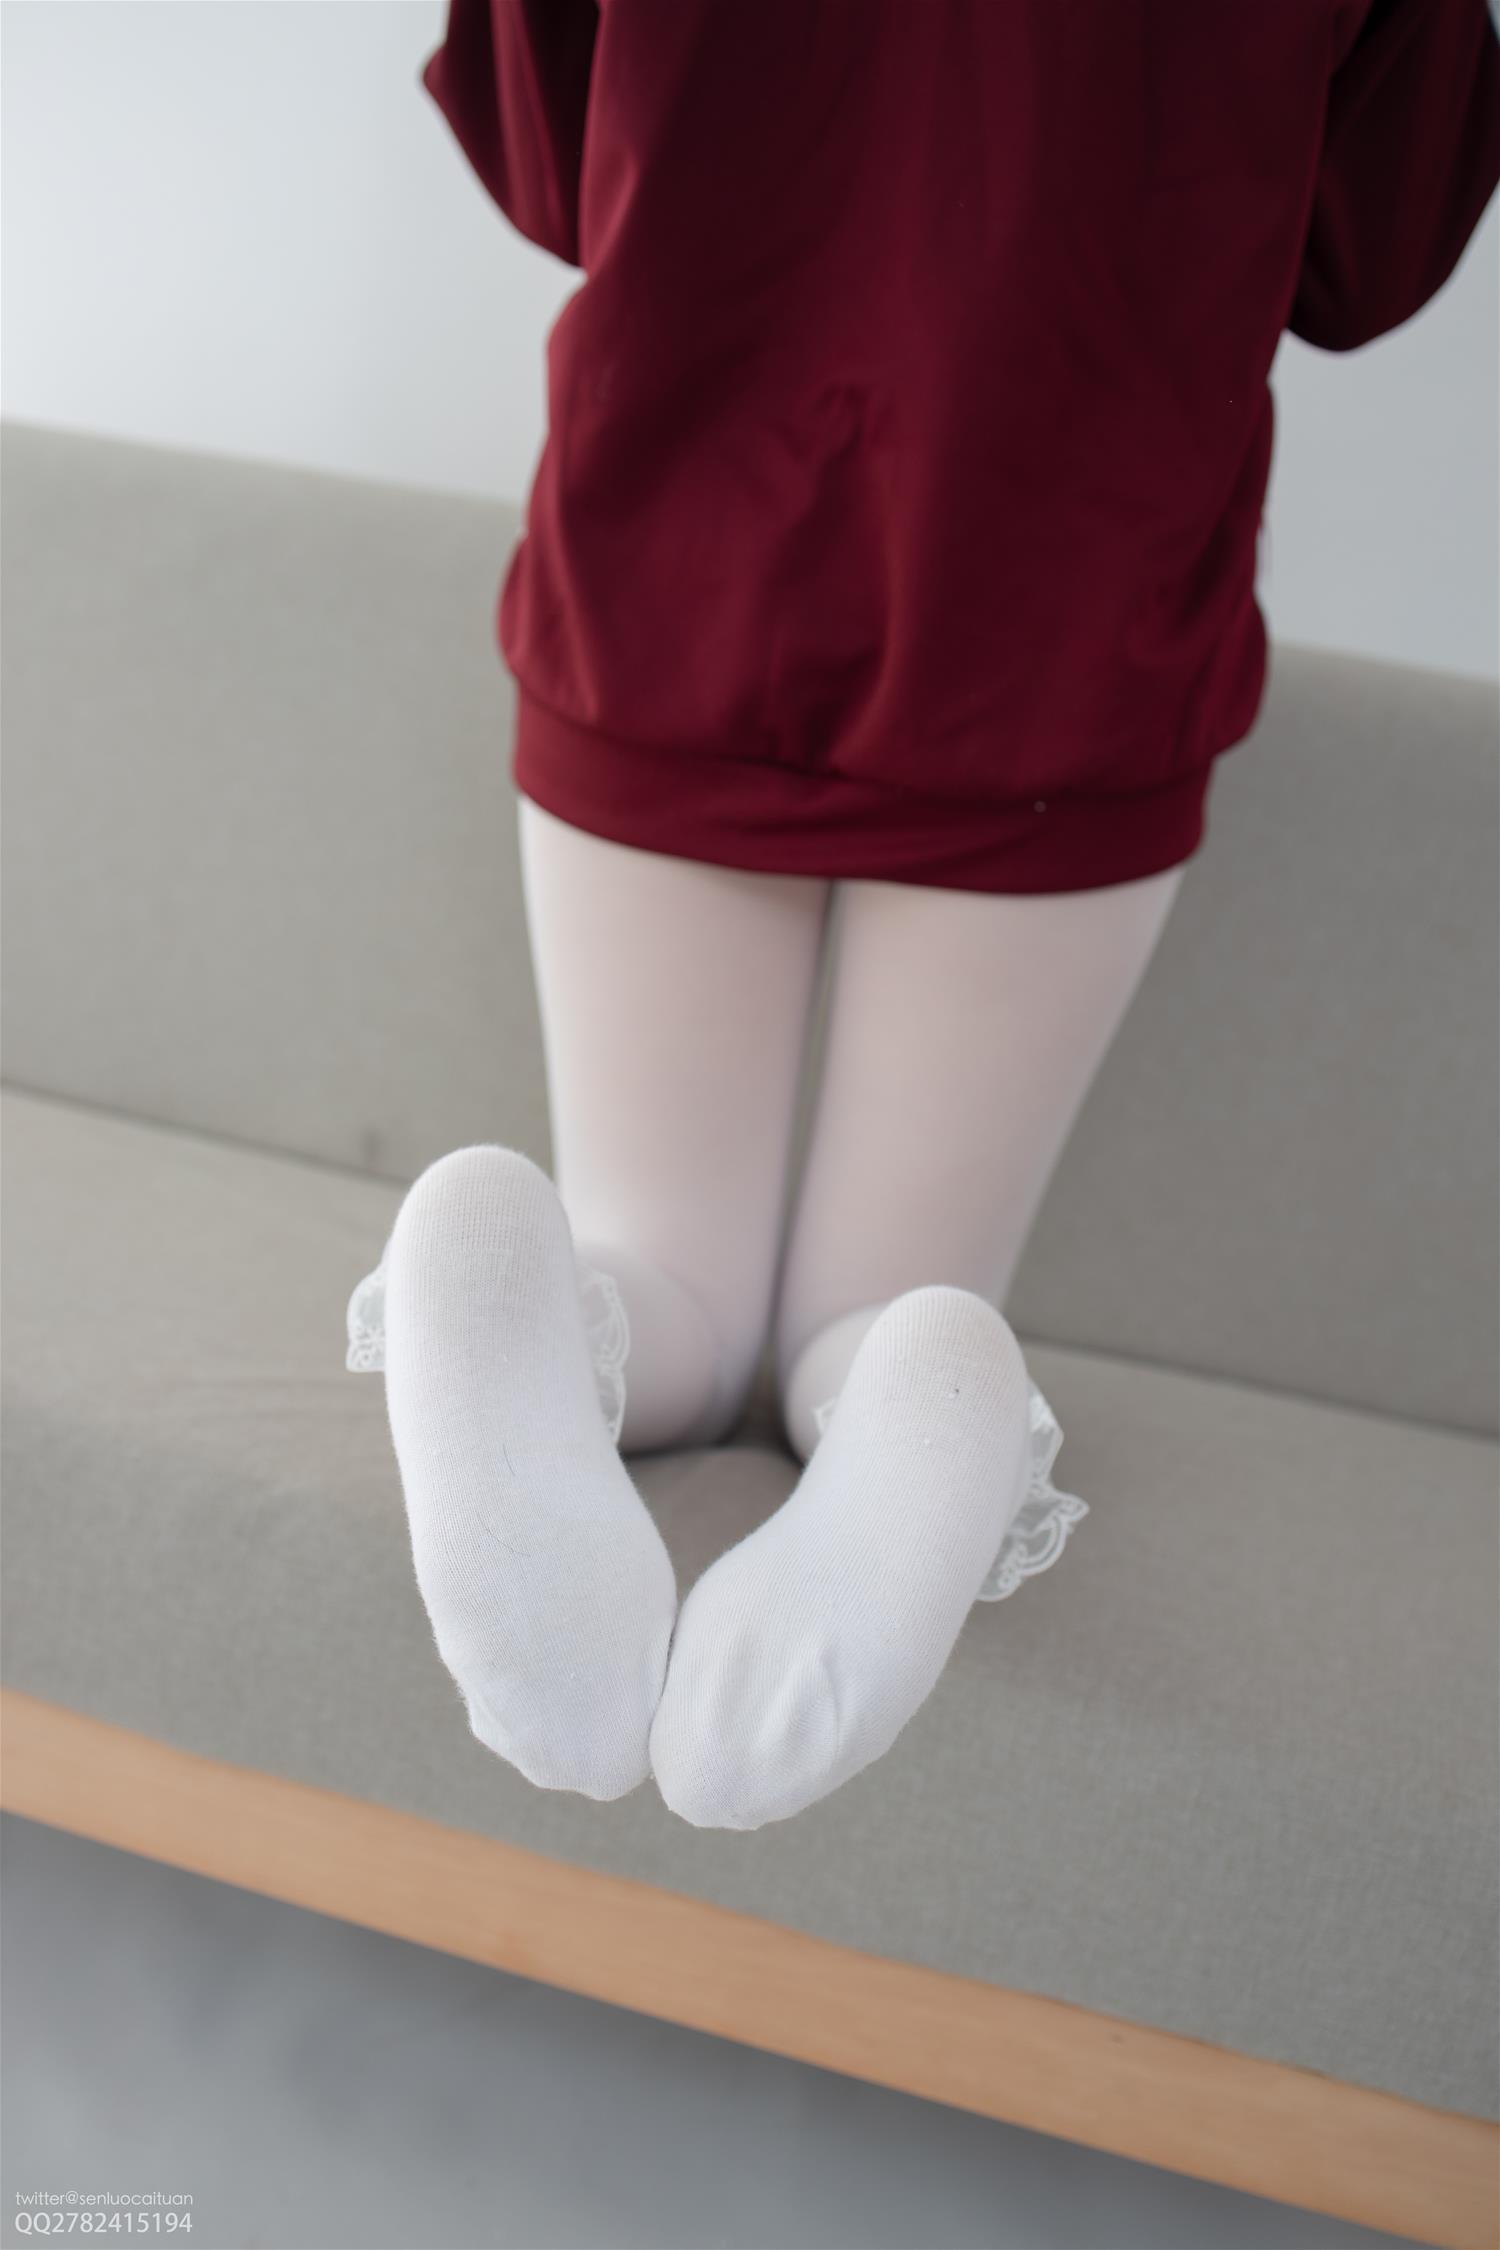 森萝财团 JKFUN-052 Aika 白丝套蕾丝花边短袜(40P)